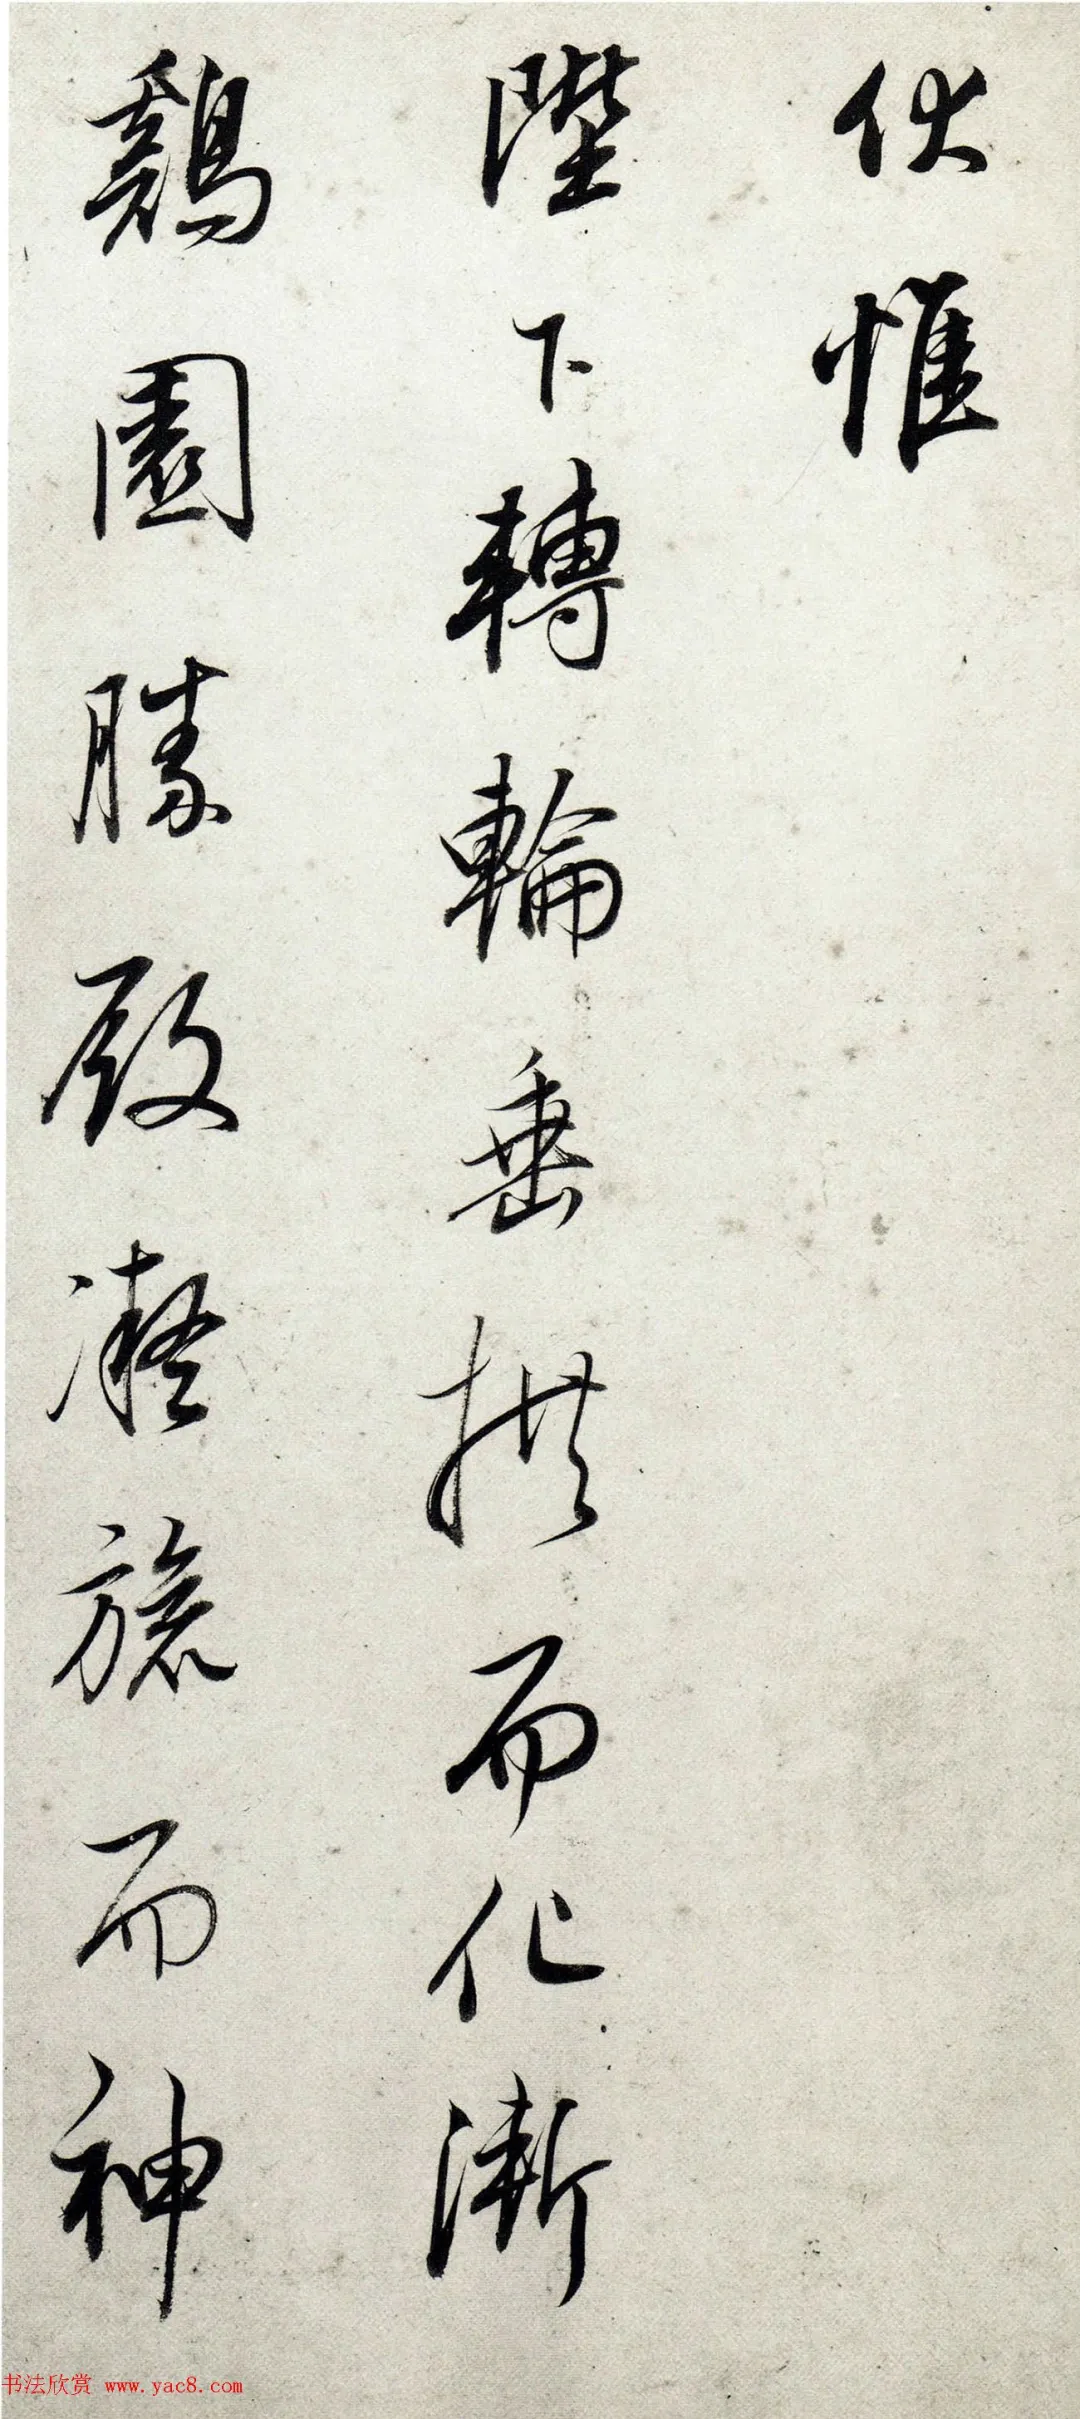 董其昌64岁行书《菩萨藏经后序》